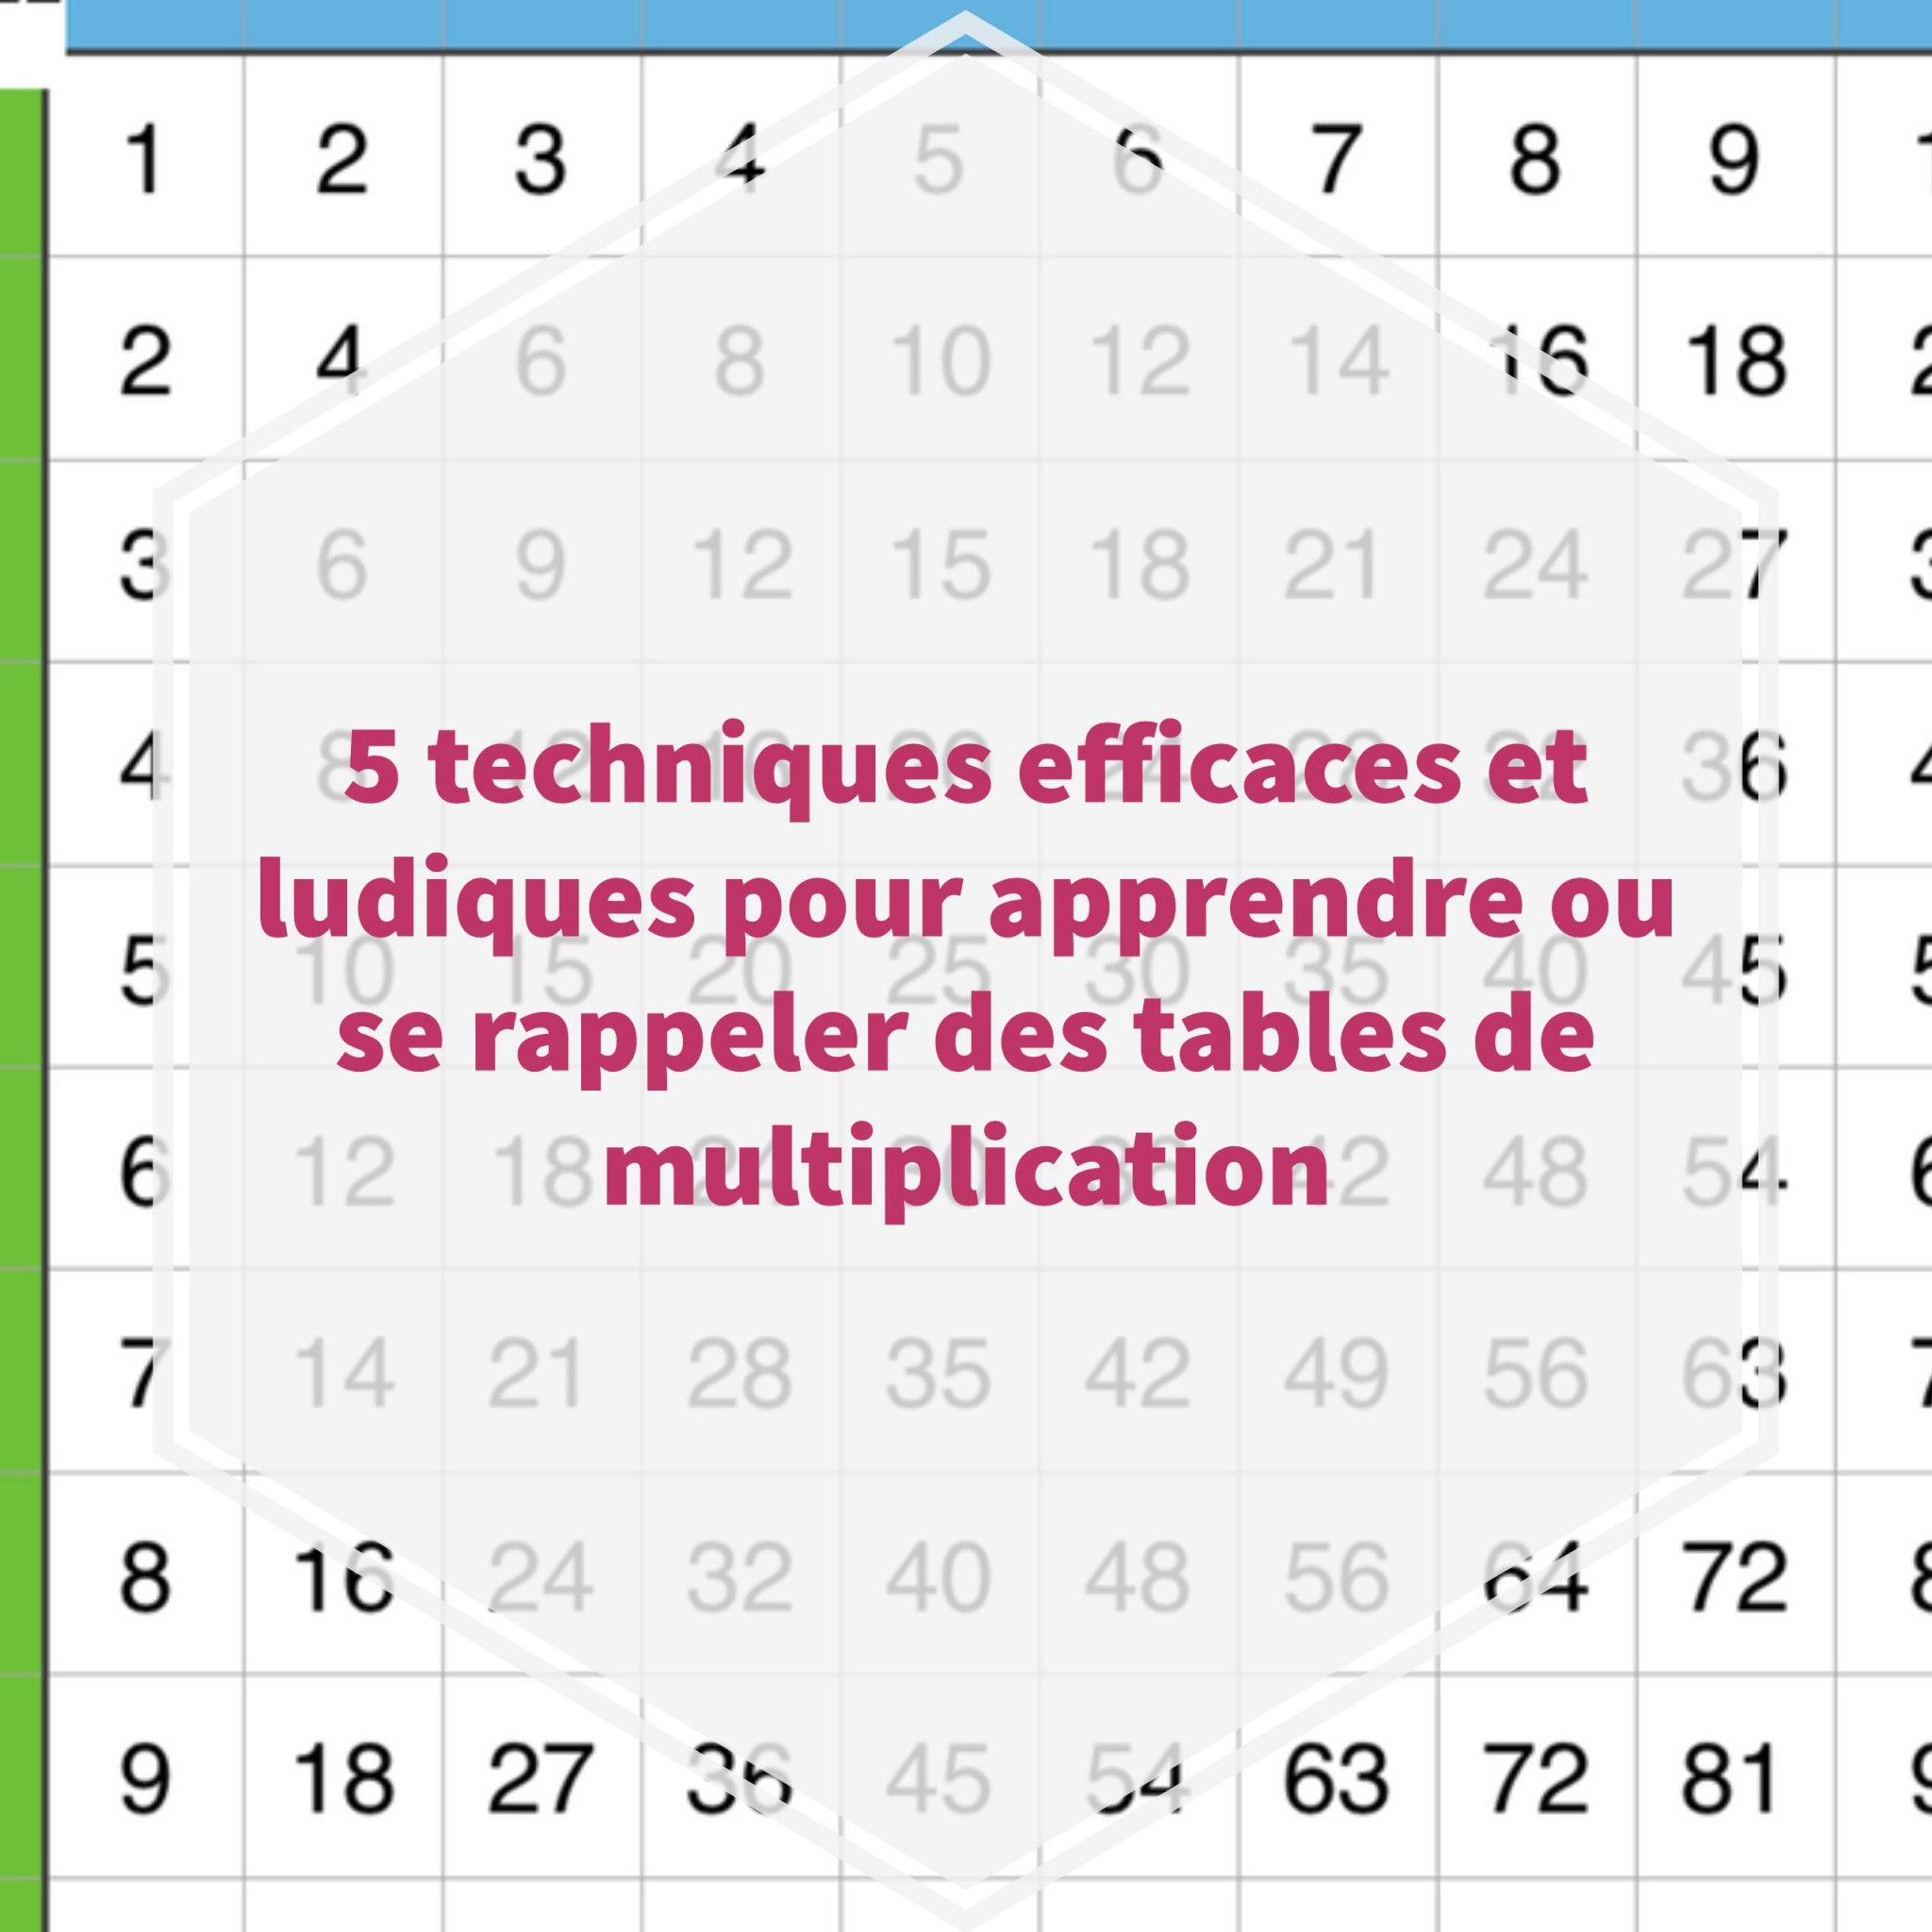 5 techniques efficaces et ludiques pour apprendre ou se for La table de multiplication de 2